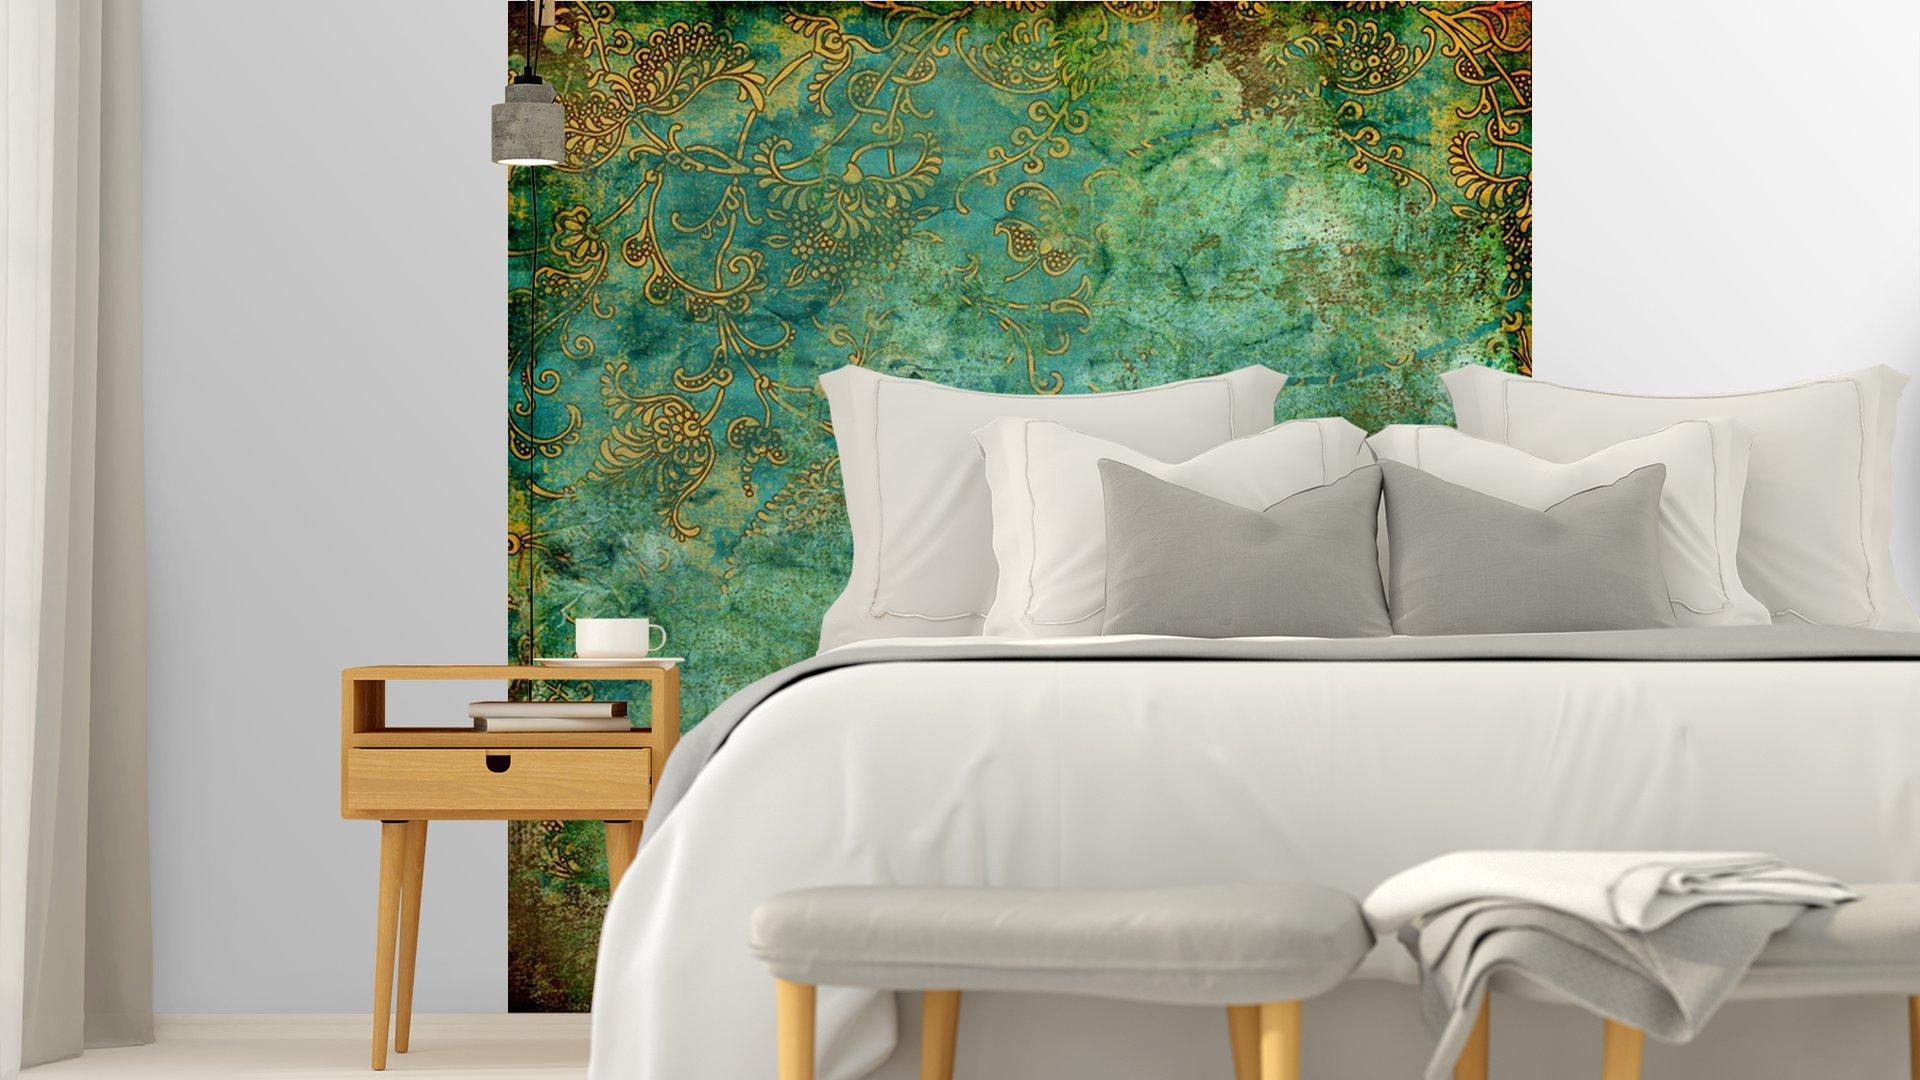 VERDE TEXTURA VENDIMIA OXIDADA4 - Fotomural Tapiz Verde con Textura Oxidada